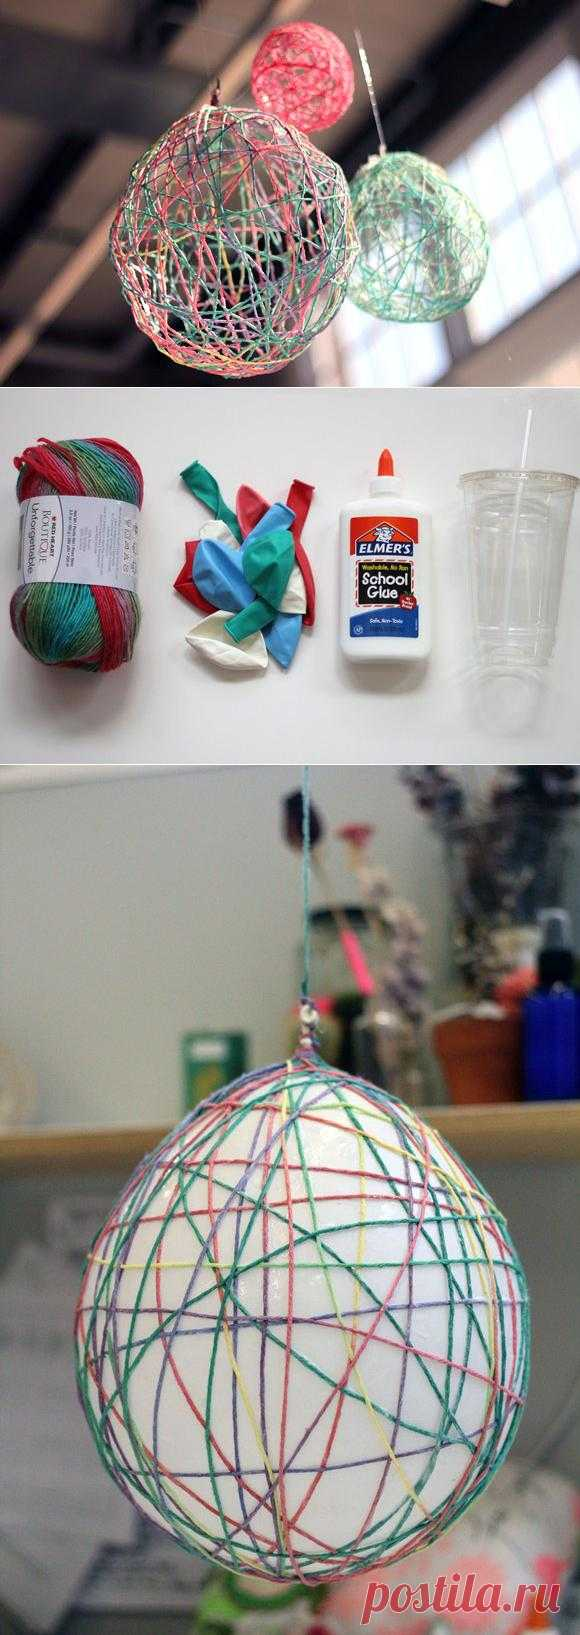 Простая идея для интерьера: шарики из ниток